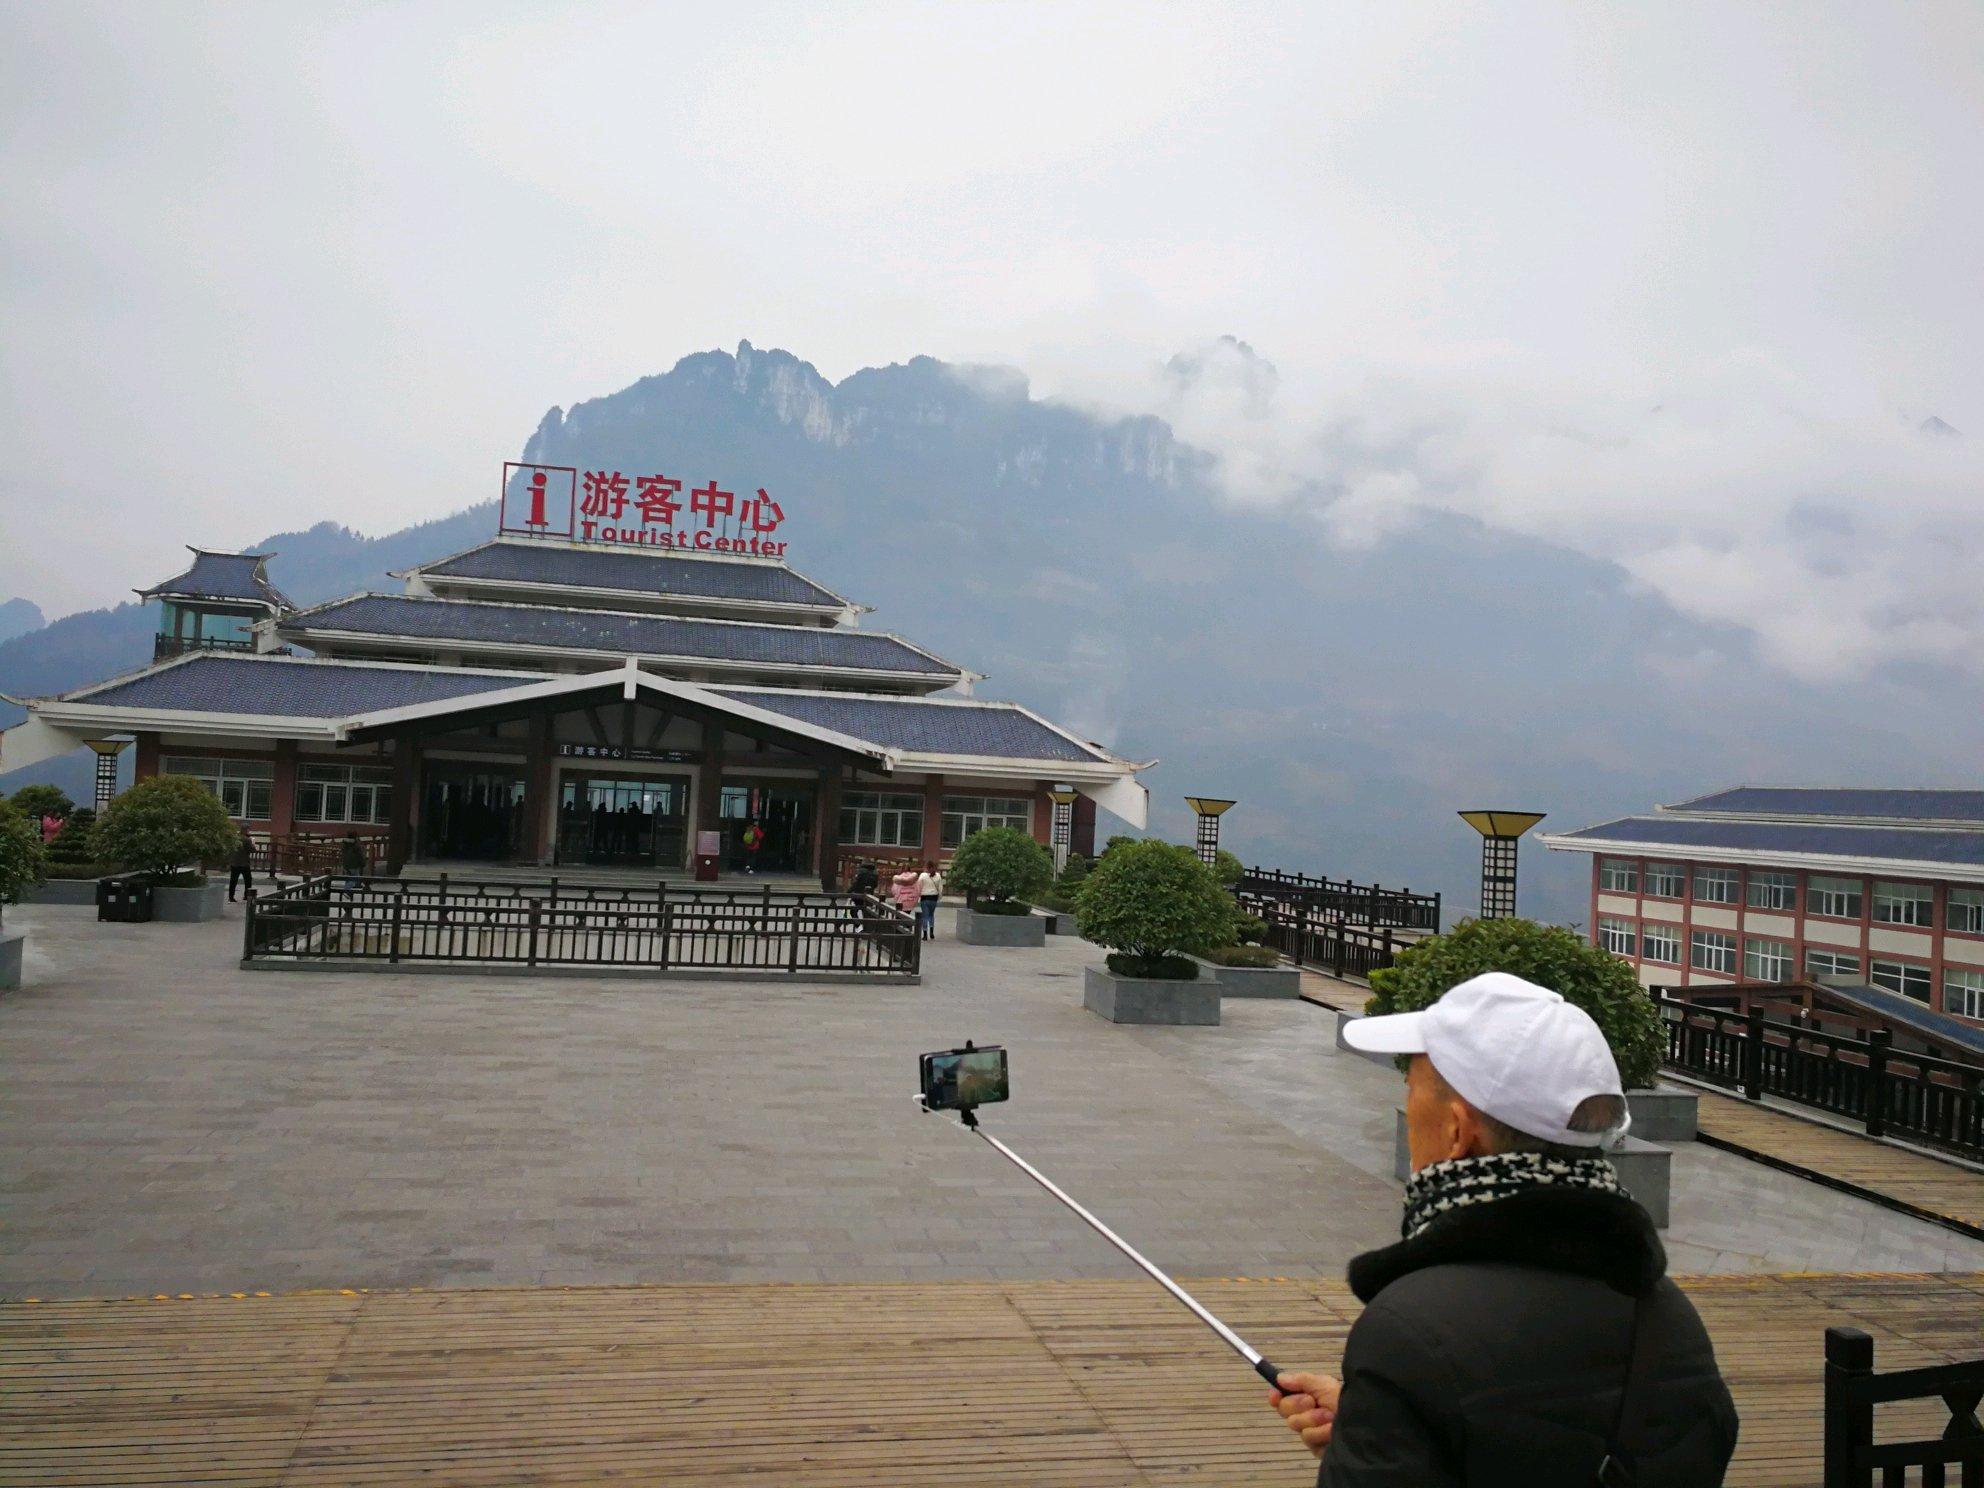 2019海口河攻略游玩地缝,韩国大峡谷主要攻略恩施云龙自由行景点图片